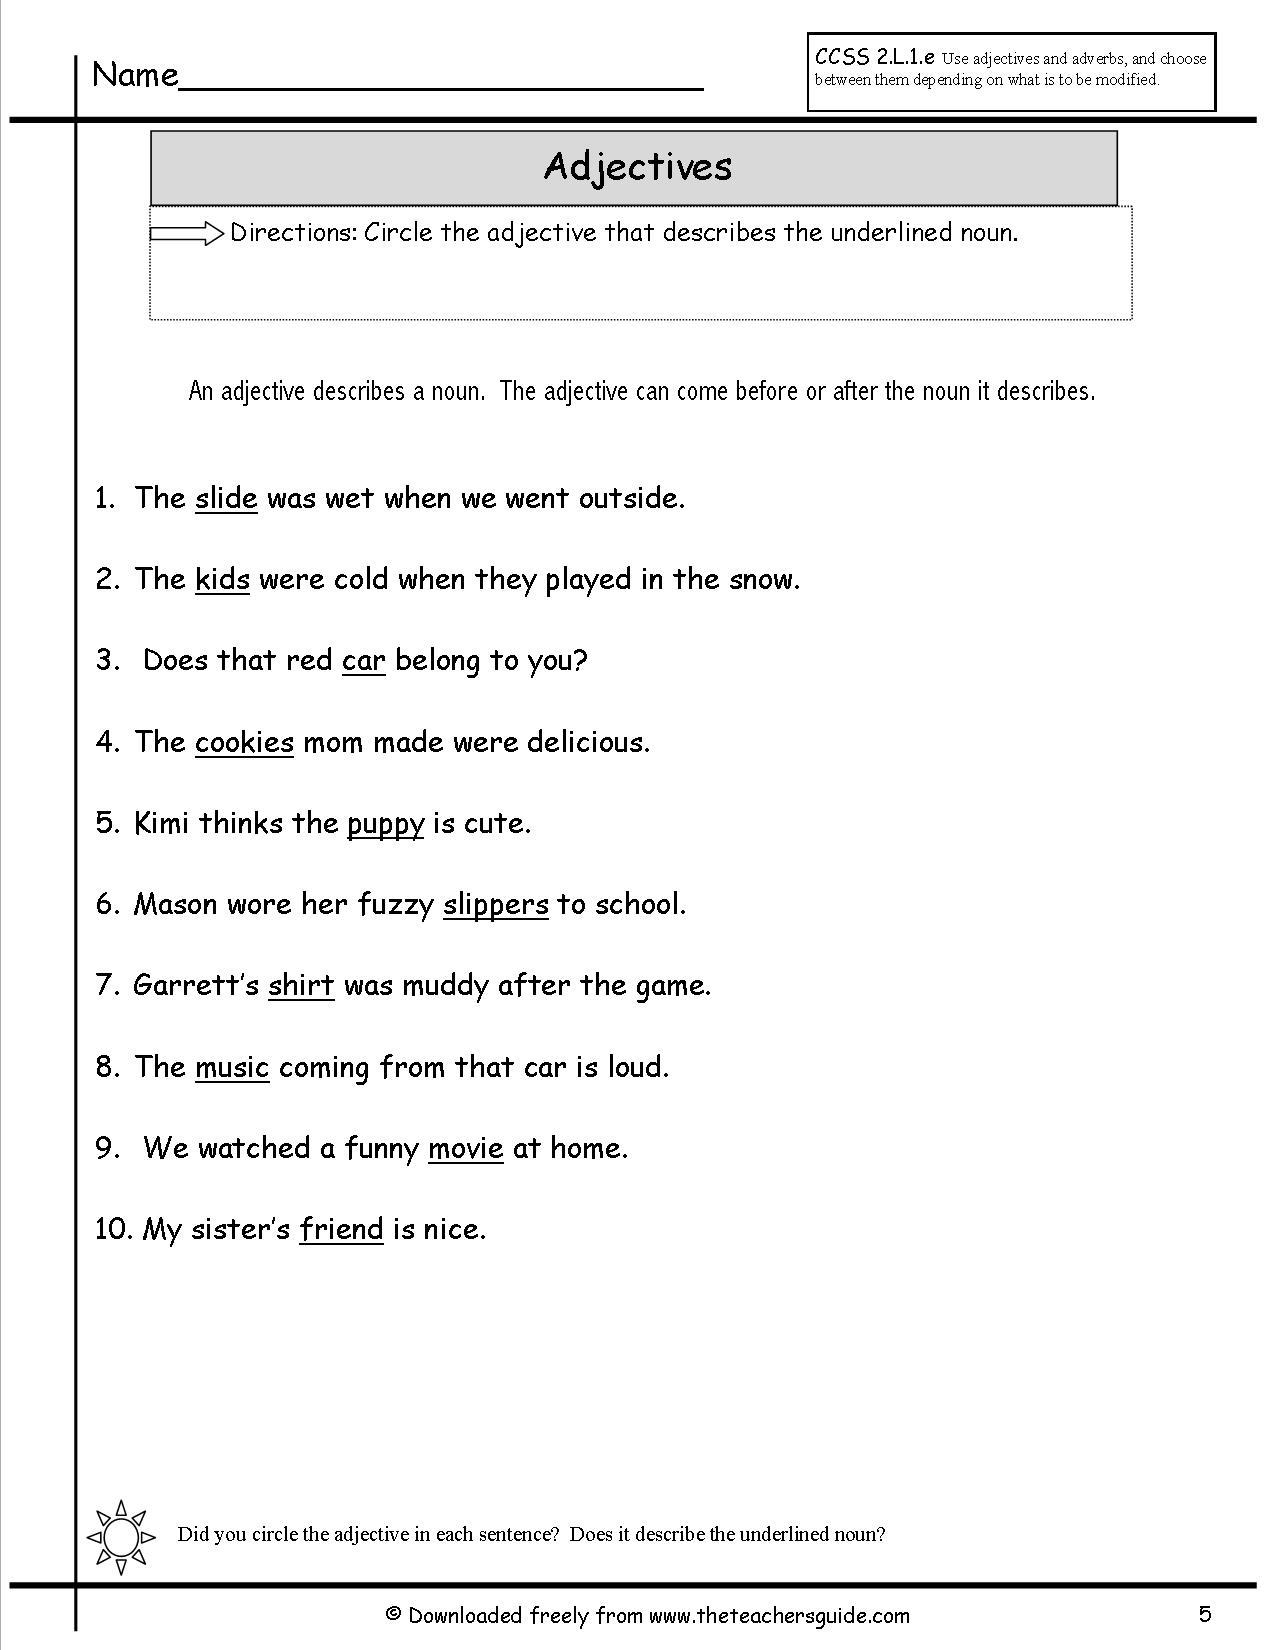 14 Best Images Of Descriptive Adjectives Worksheet